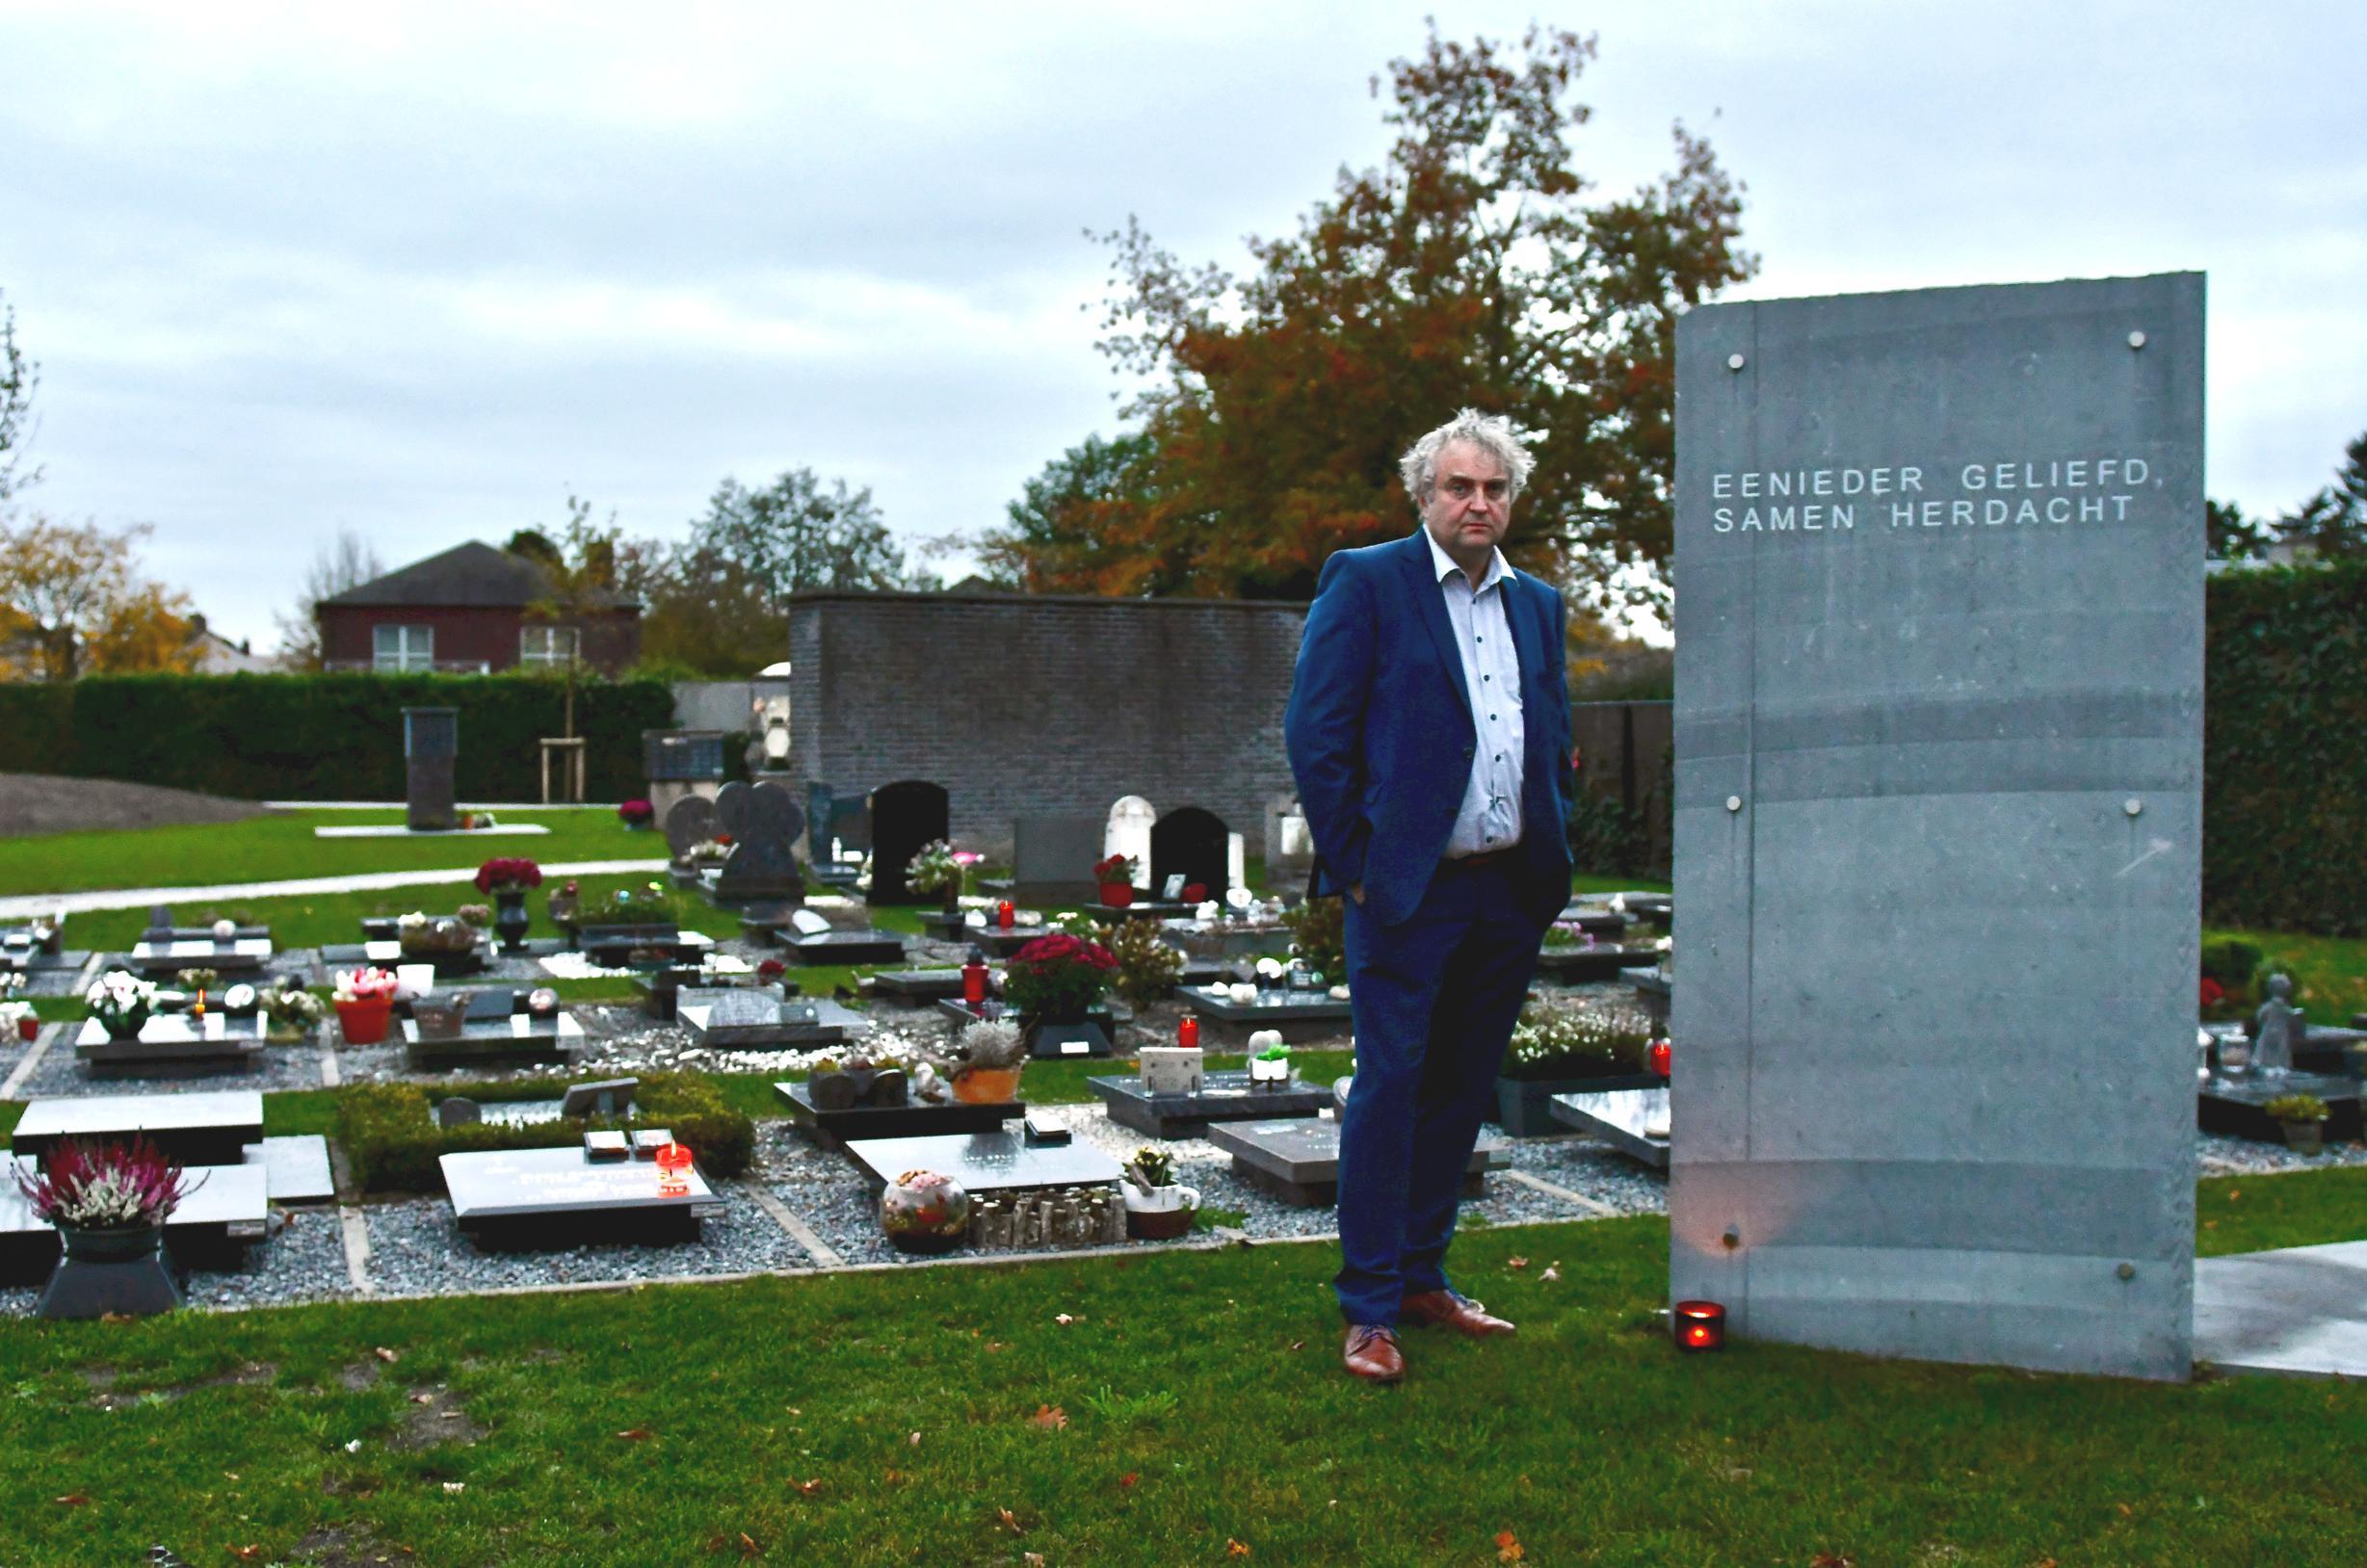 Muziek en poëziefleuren kerkhof op (Berchem) - Het Nieuwsblad